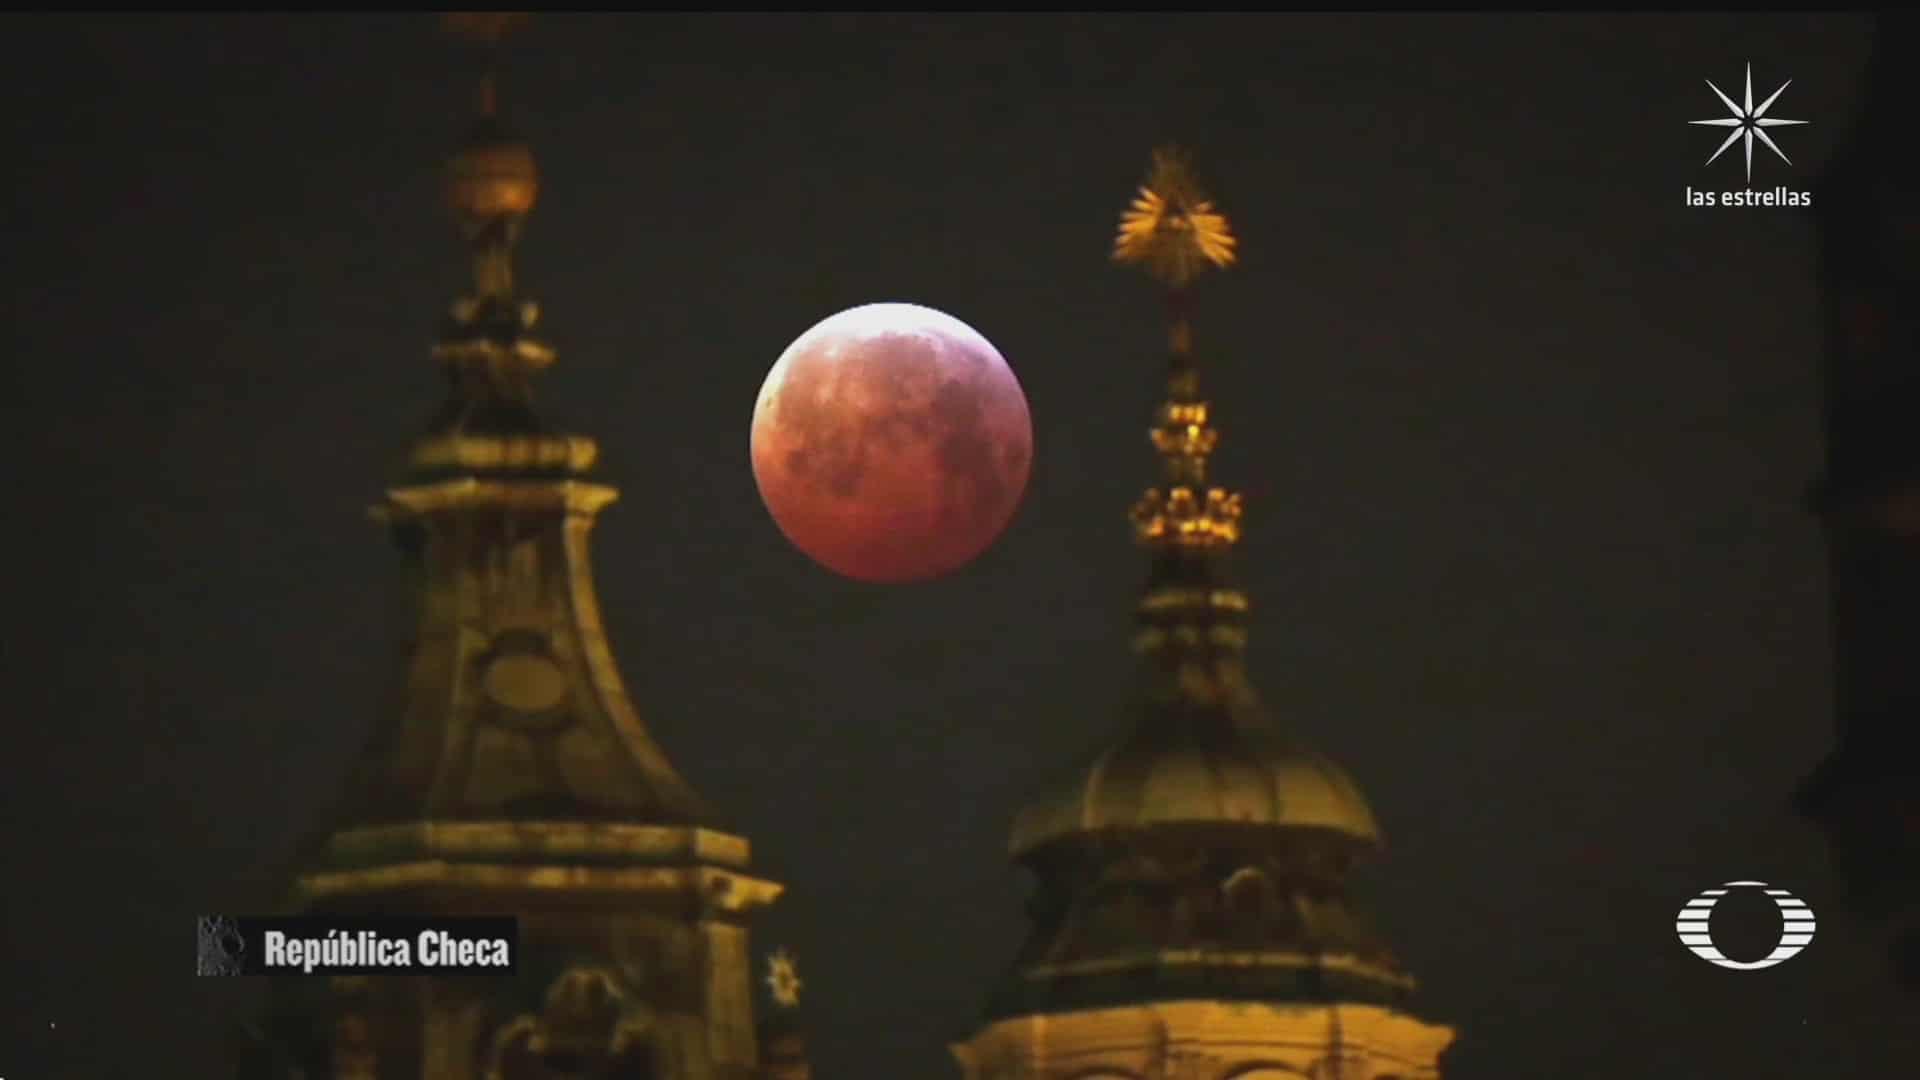 dos espectaculares fenomenos en la luna